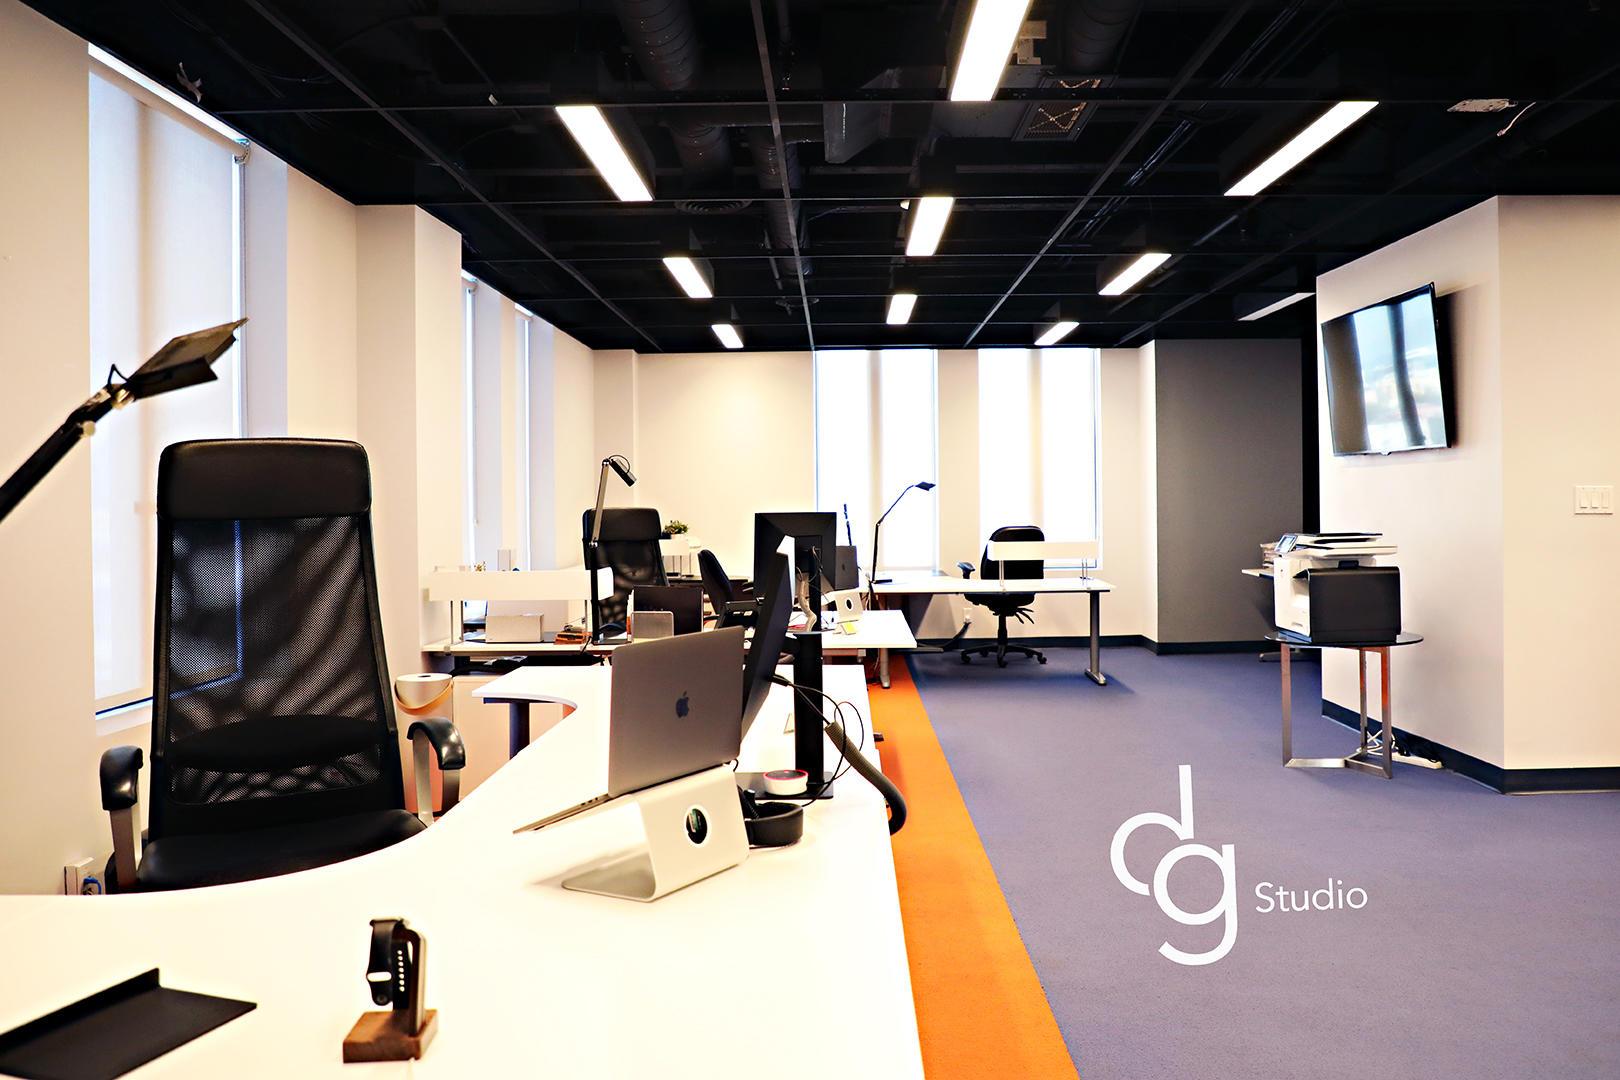 DG Studio image 1